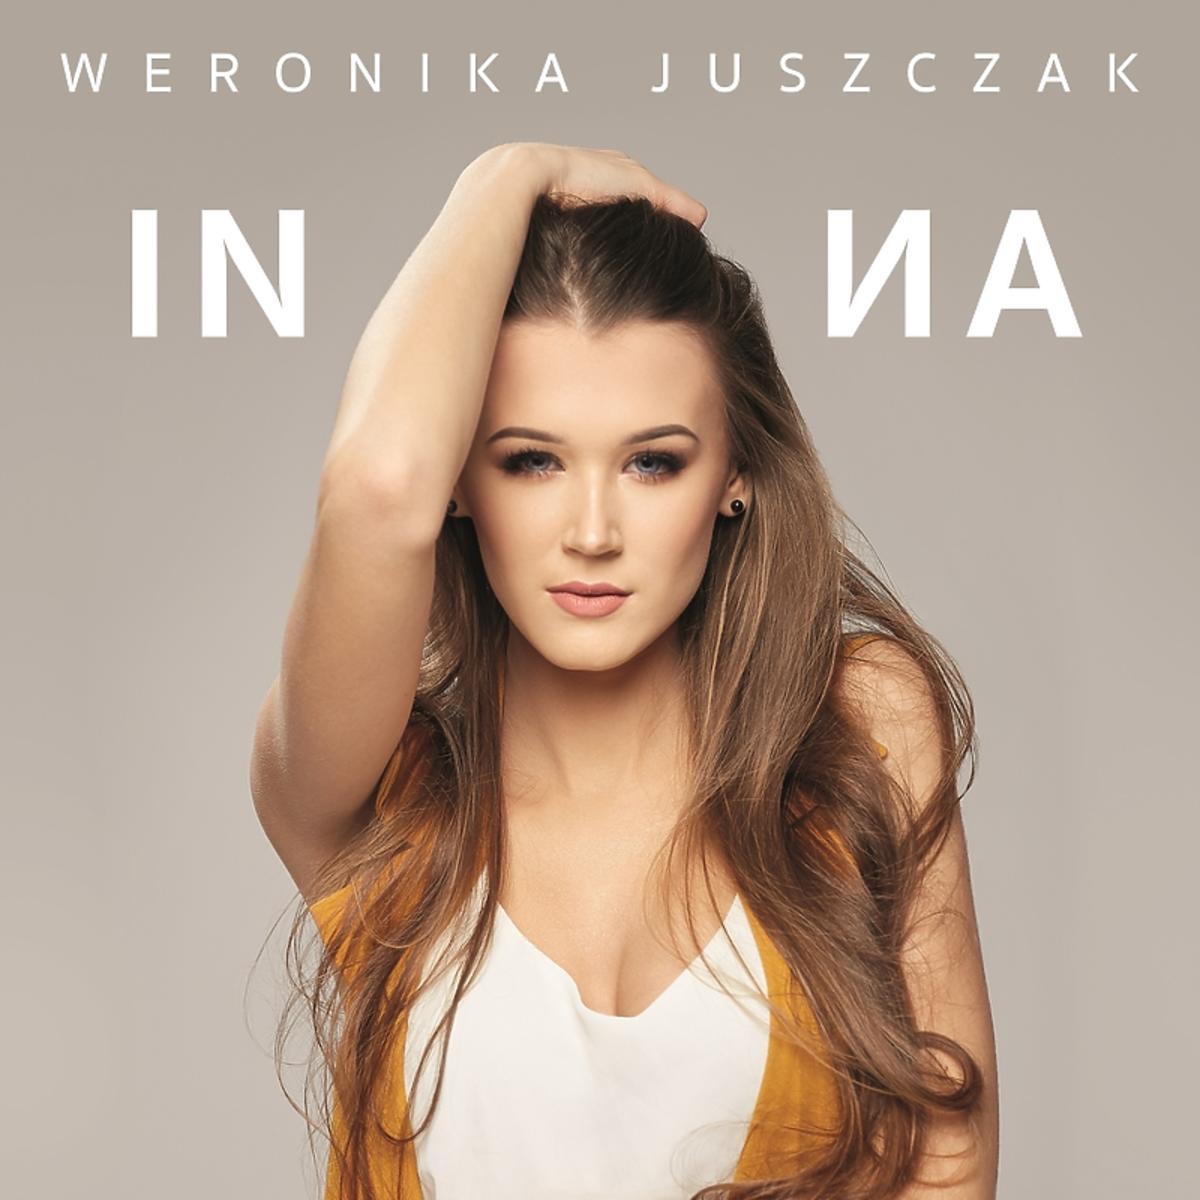 Weronika Juszczak - nowa płyta